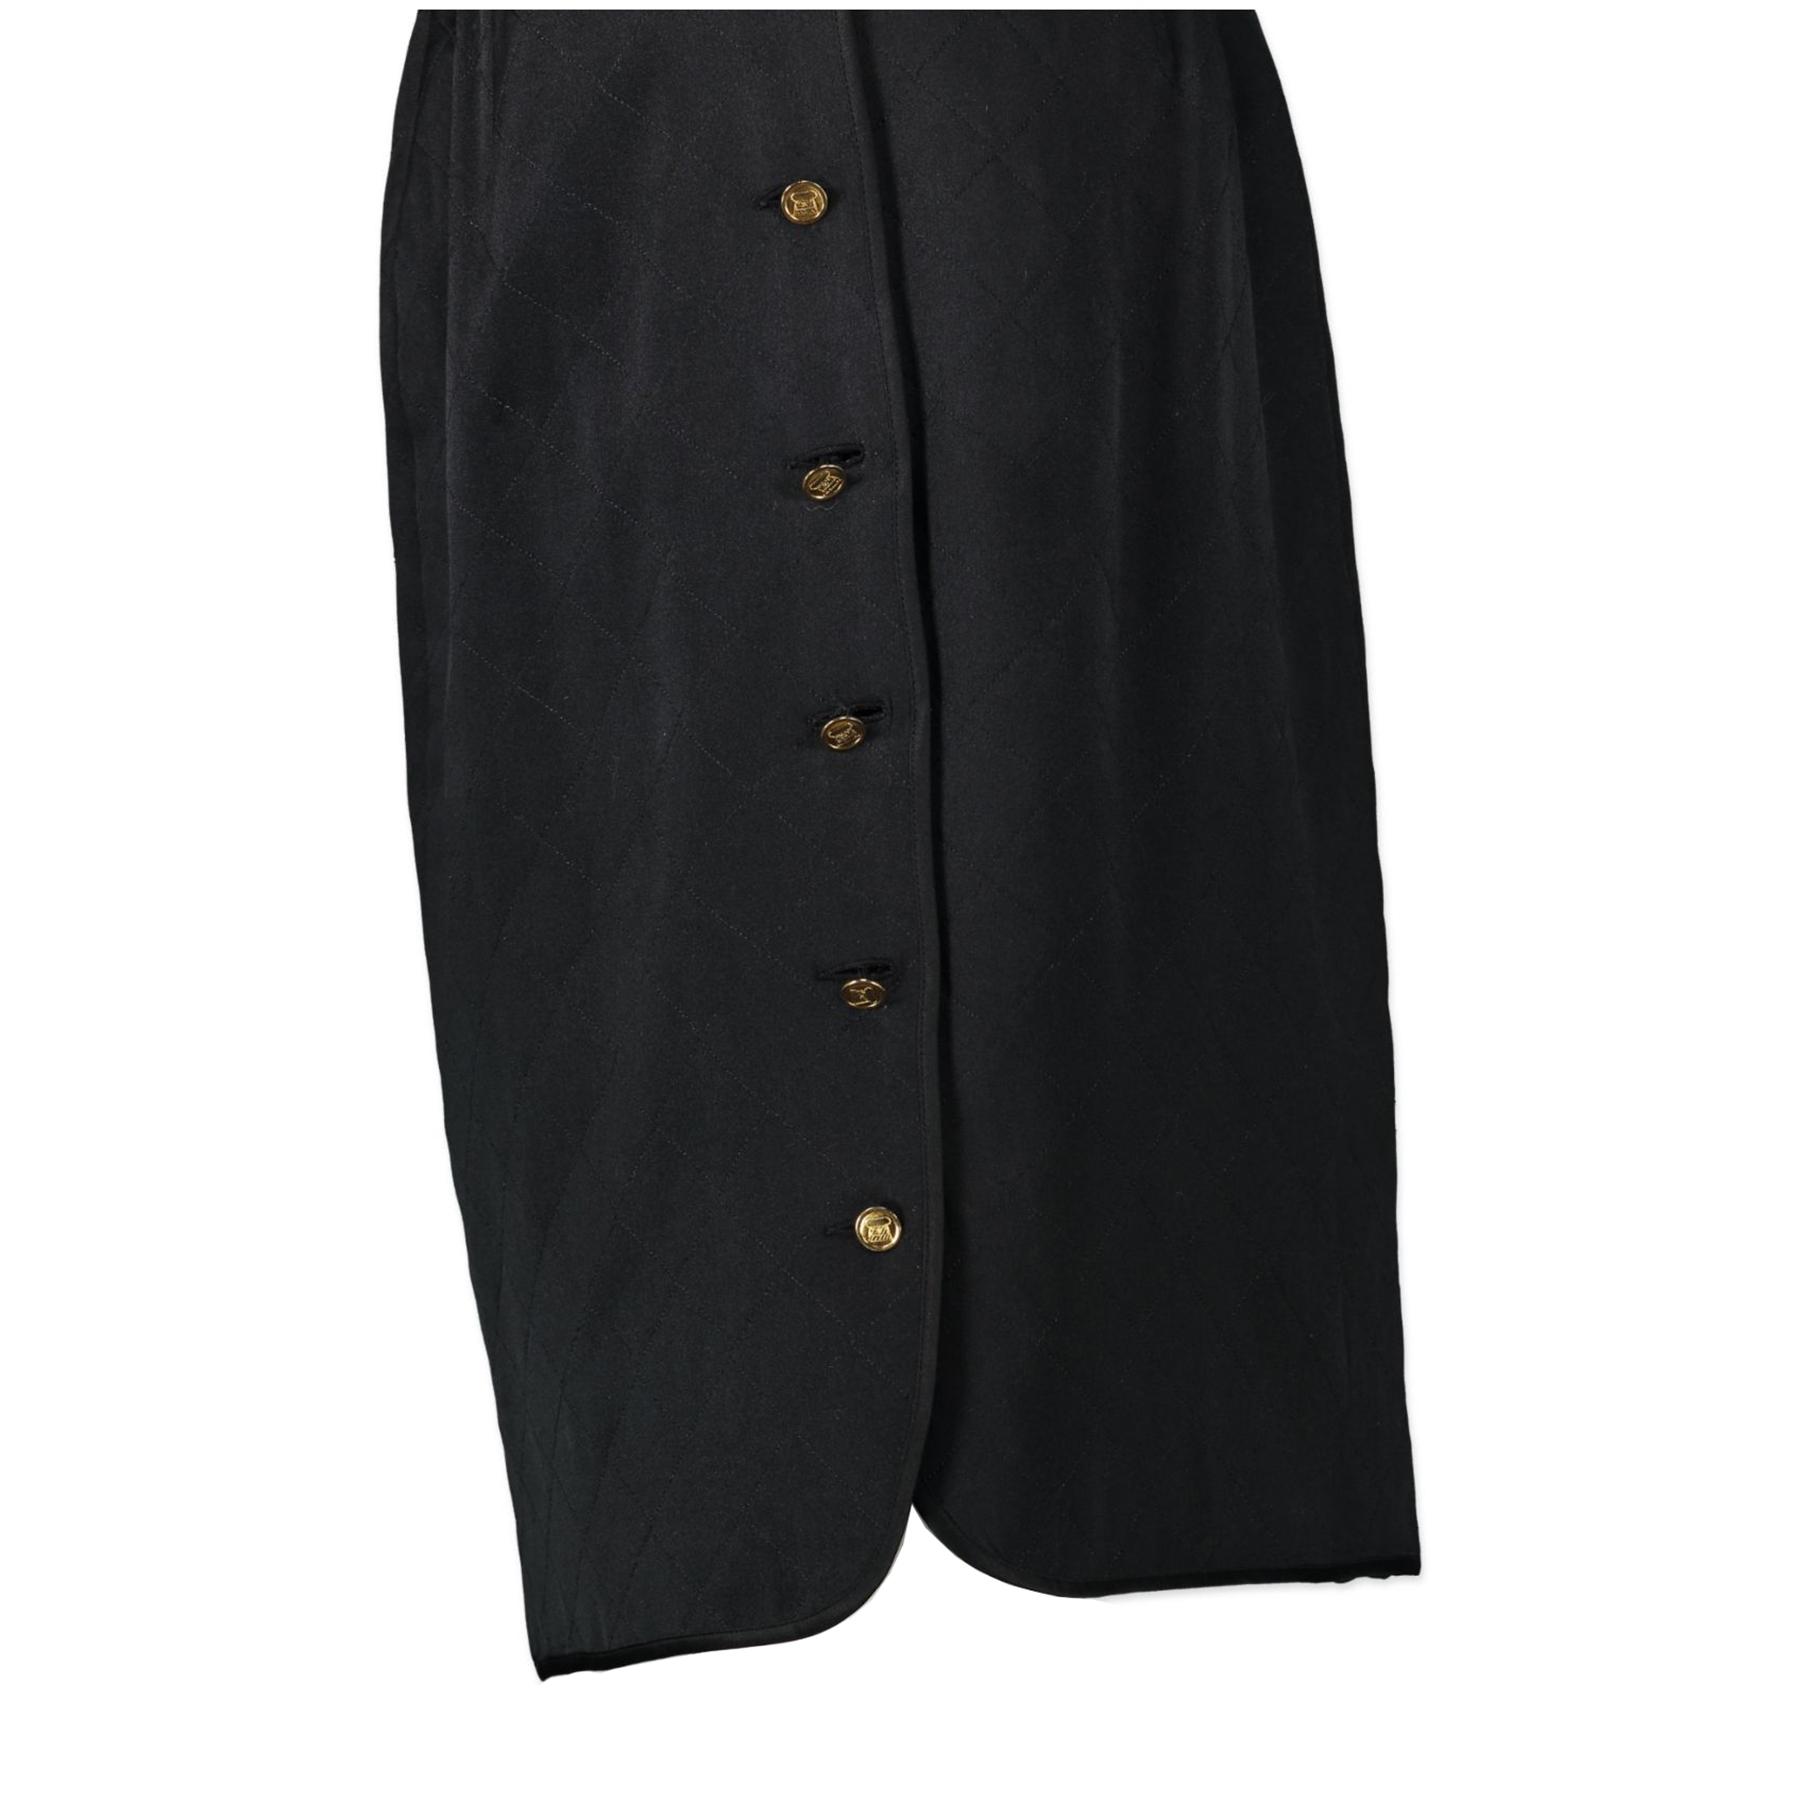 Koop authentieke Chanel Black Quilted Satin Skirt aan de juiste prijs in alle veiligheid LabelLOV luxe merken webshop